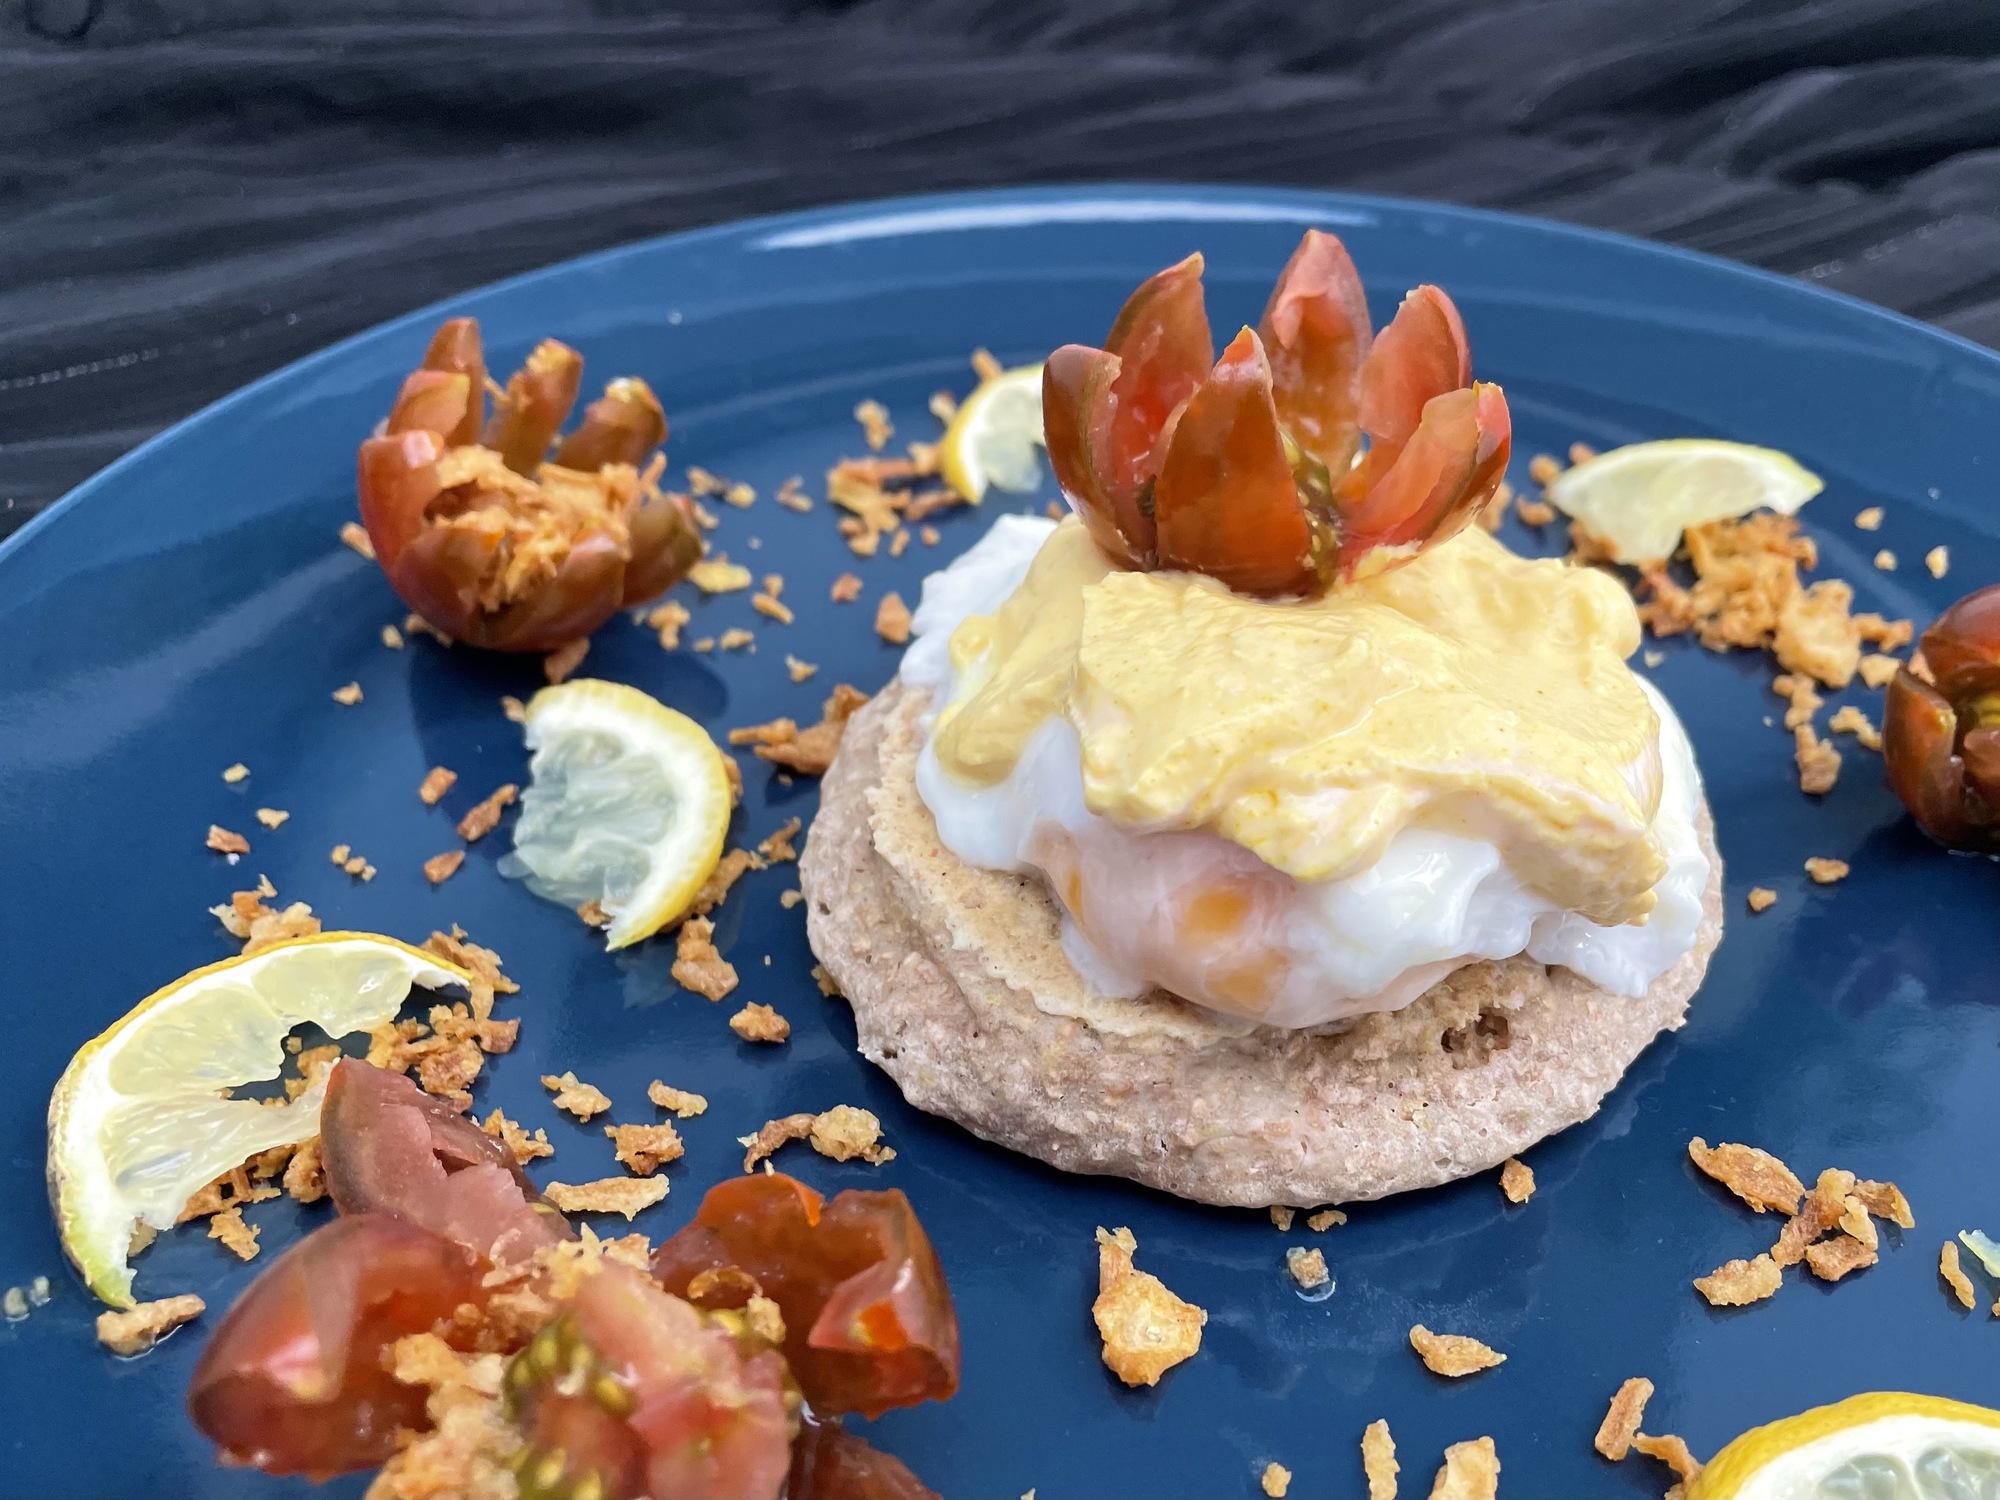 Le crumpet est surmonté par les oeufs et recouvert de la sauce à base de fromage blanc. Le tout est présenté sur une belle assiette bleue.